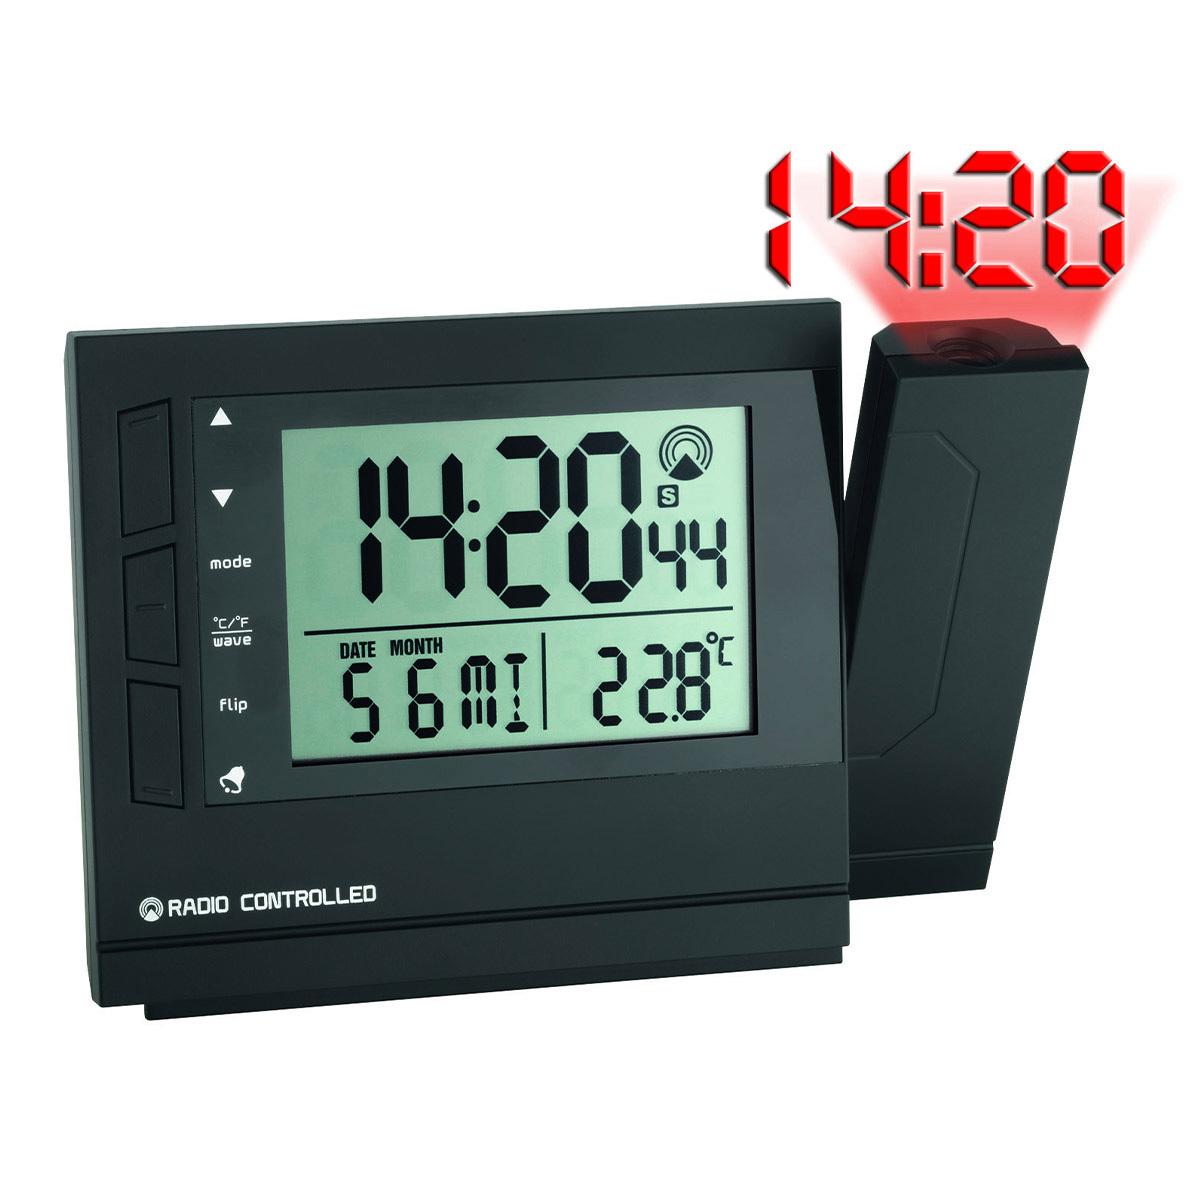 60-5008-funk-projektionswecker-mit-temperatur-ansicht-1200x1200px.jpg